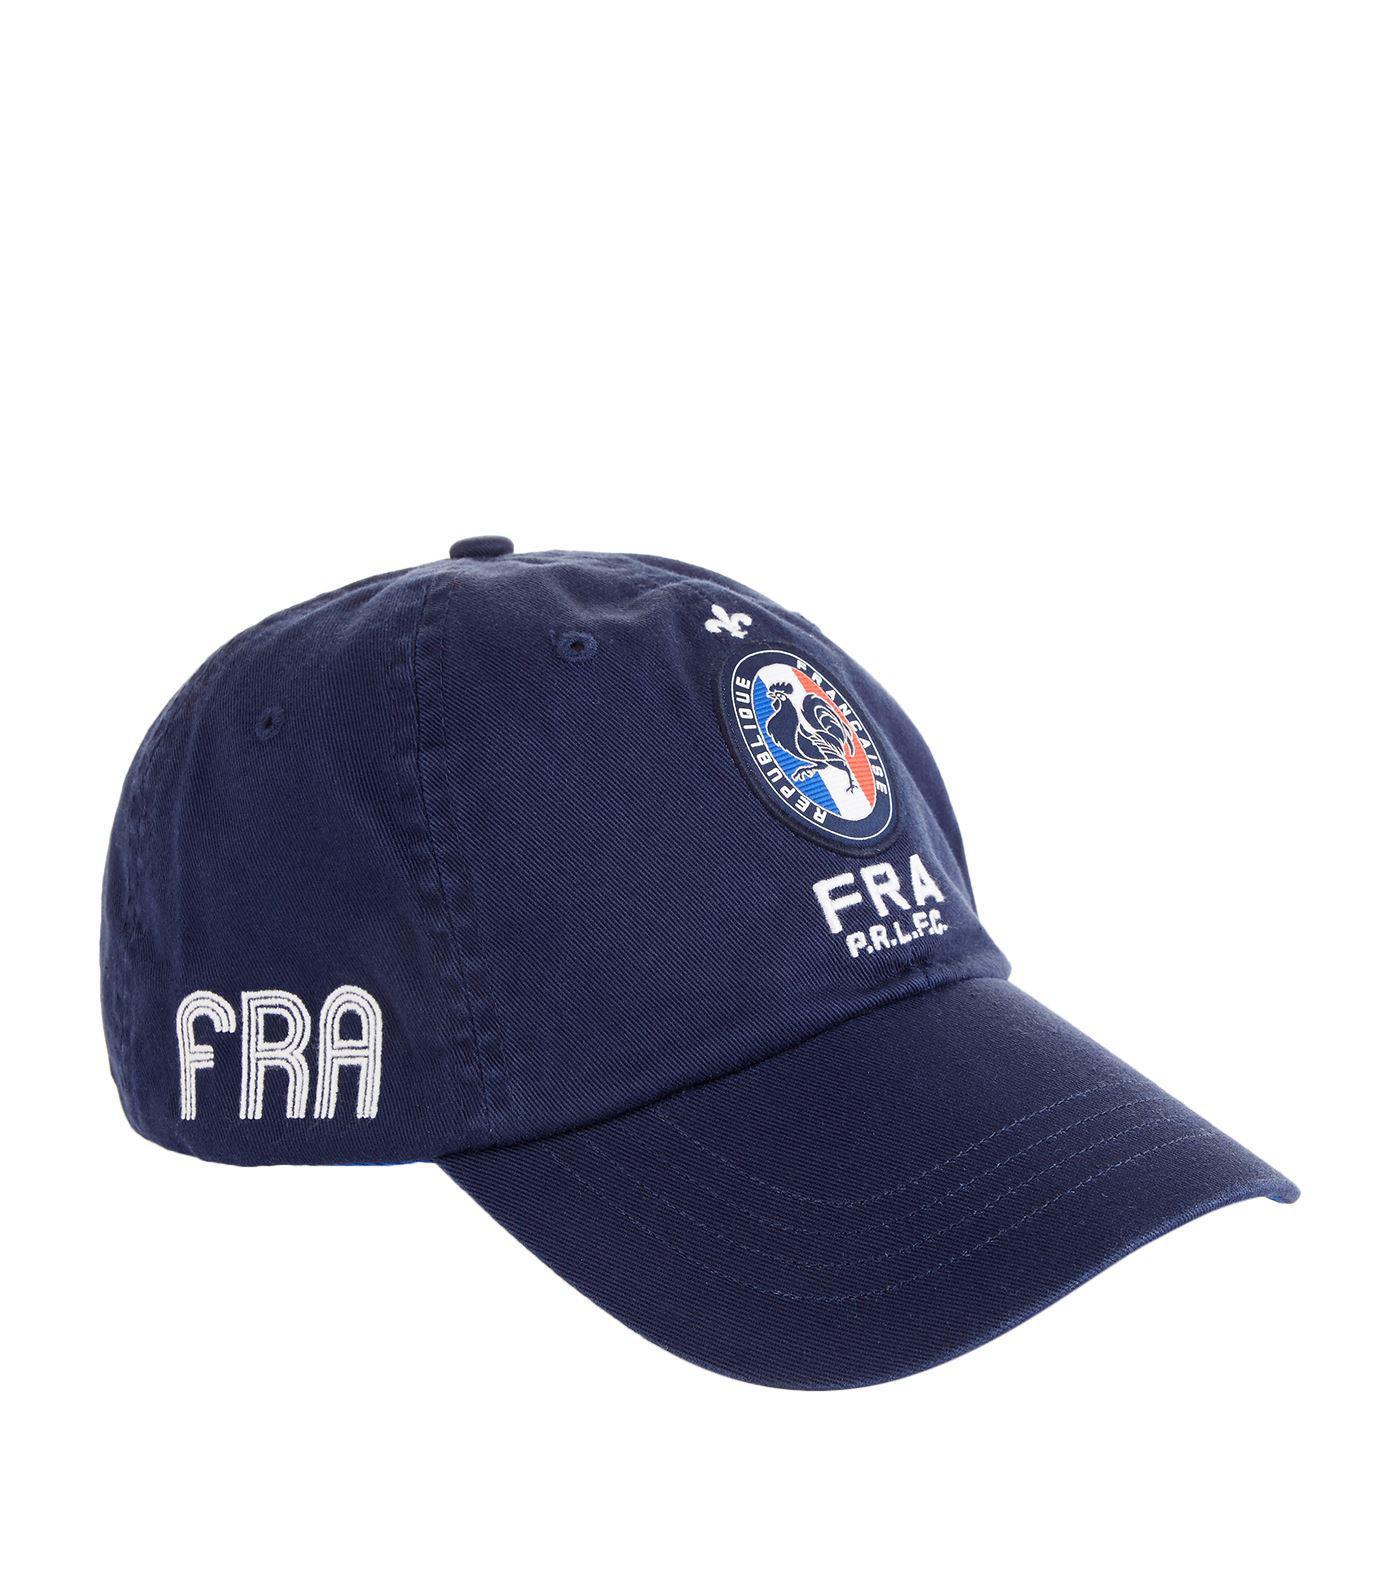 Lyst - Polo Ralph Lauren France Badge Cap in Blue for Men 431da66040fe